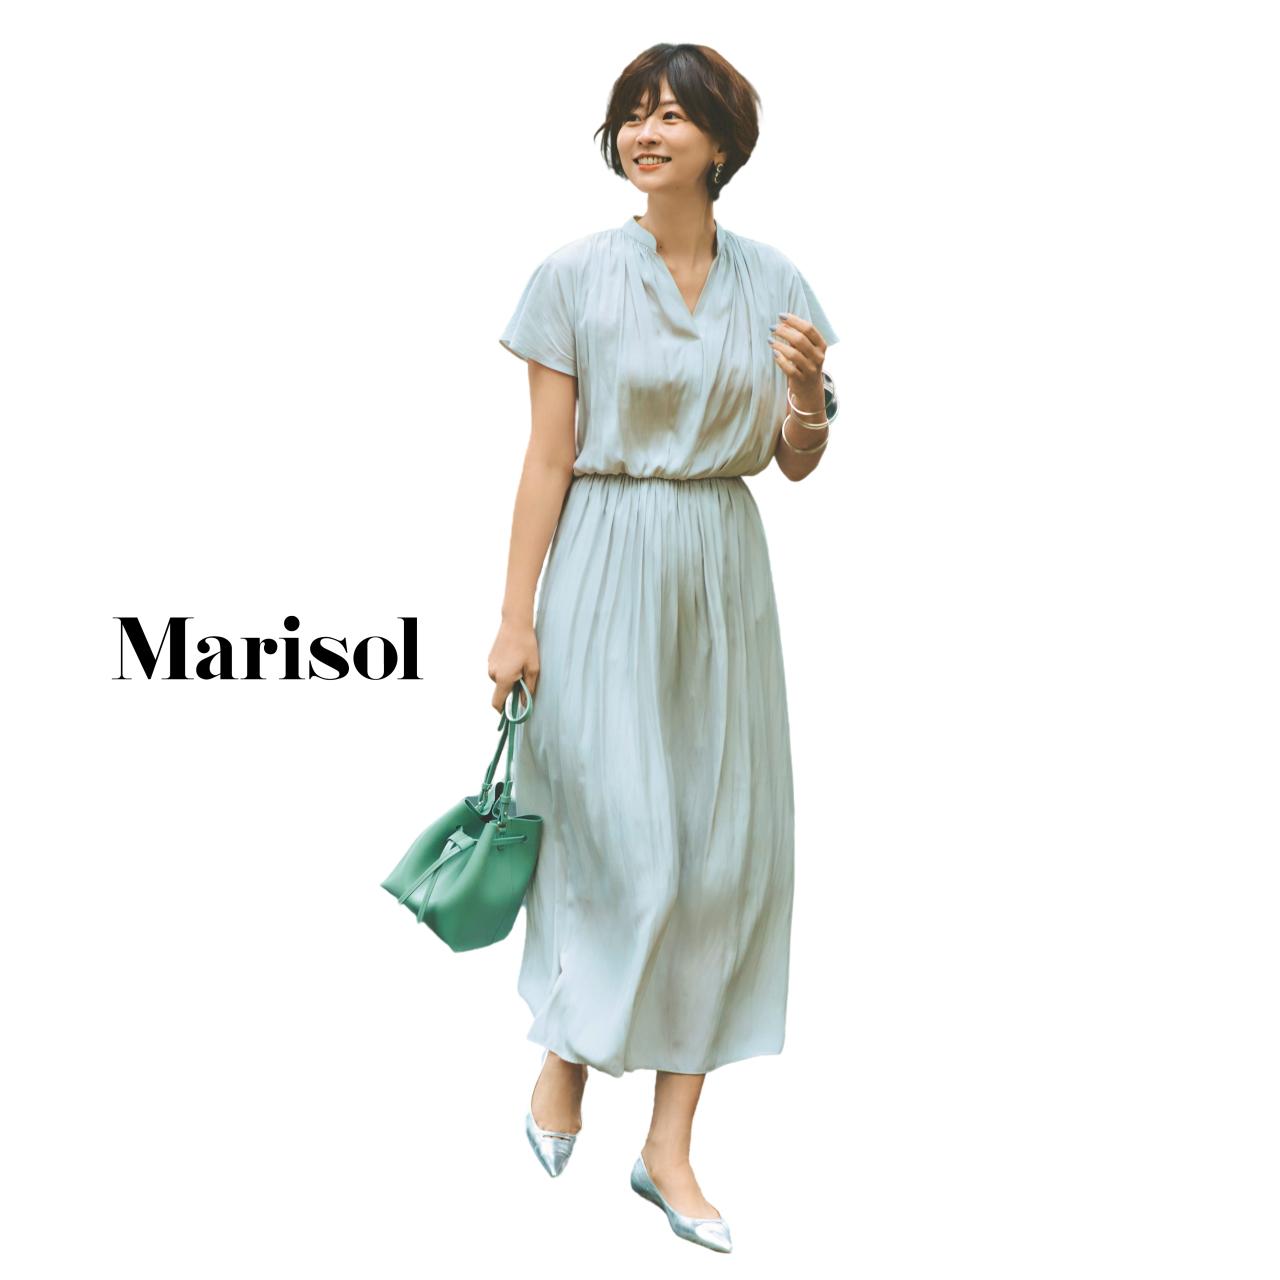 40代ファッション とろみシャーリングワンピースコーデ